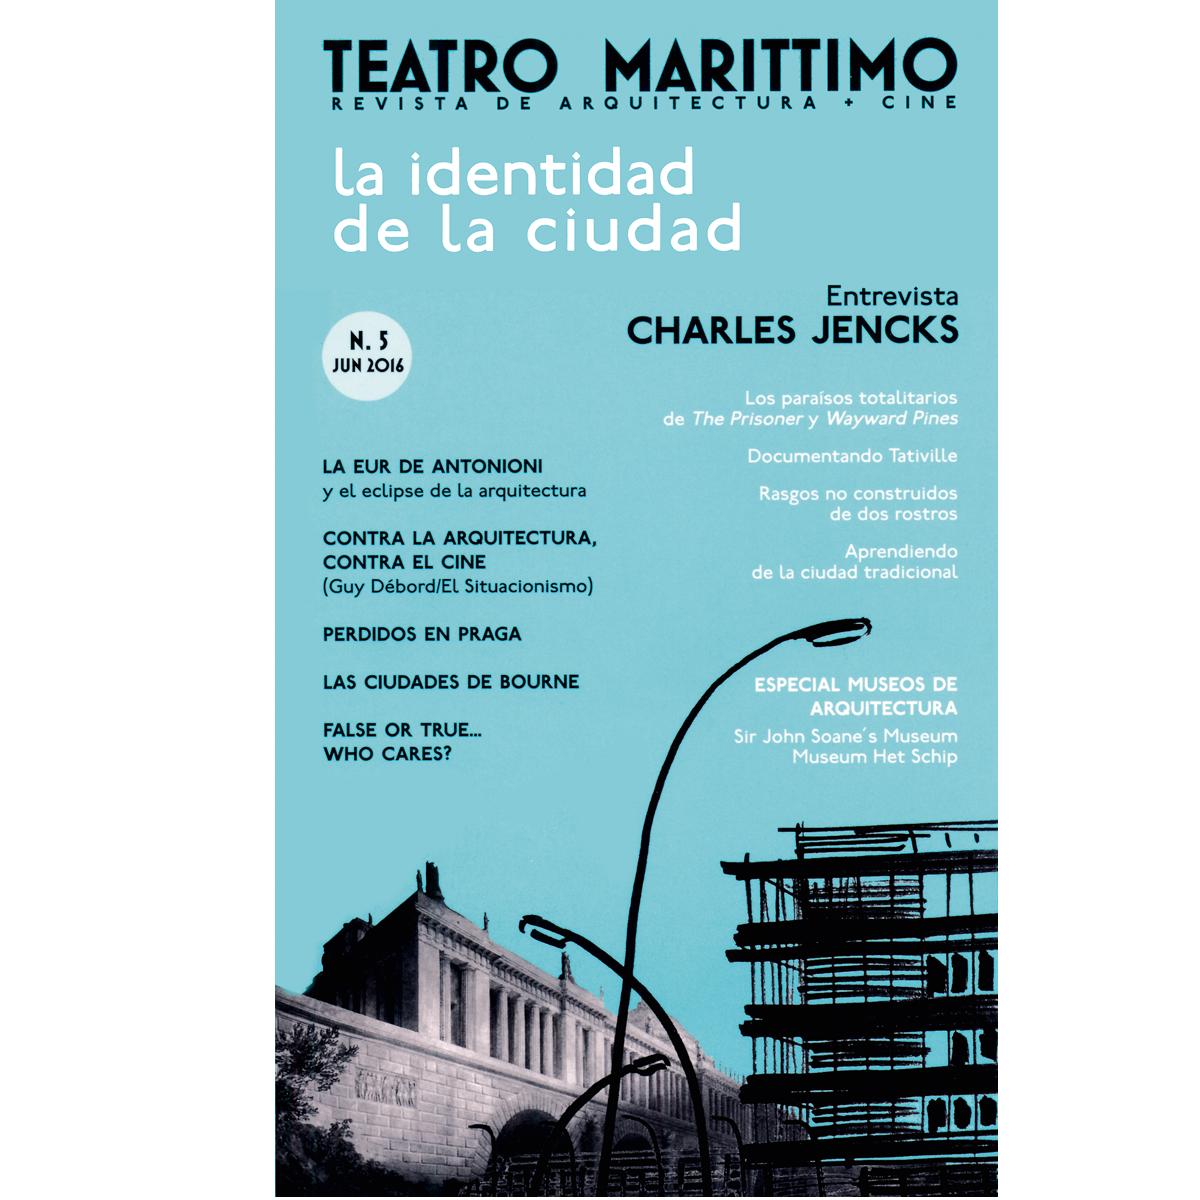 Teatro Marittimo: La identidad de la ciudad